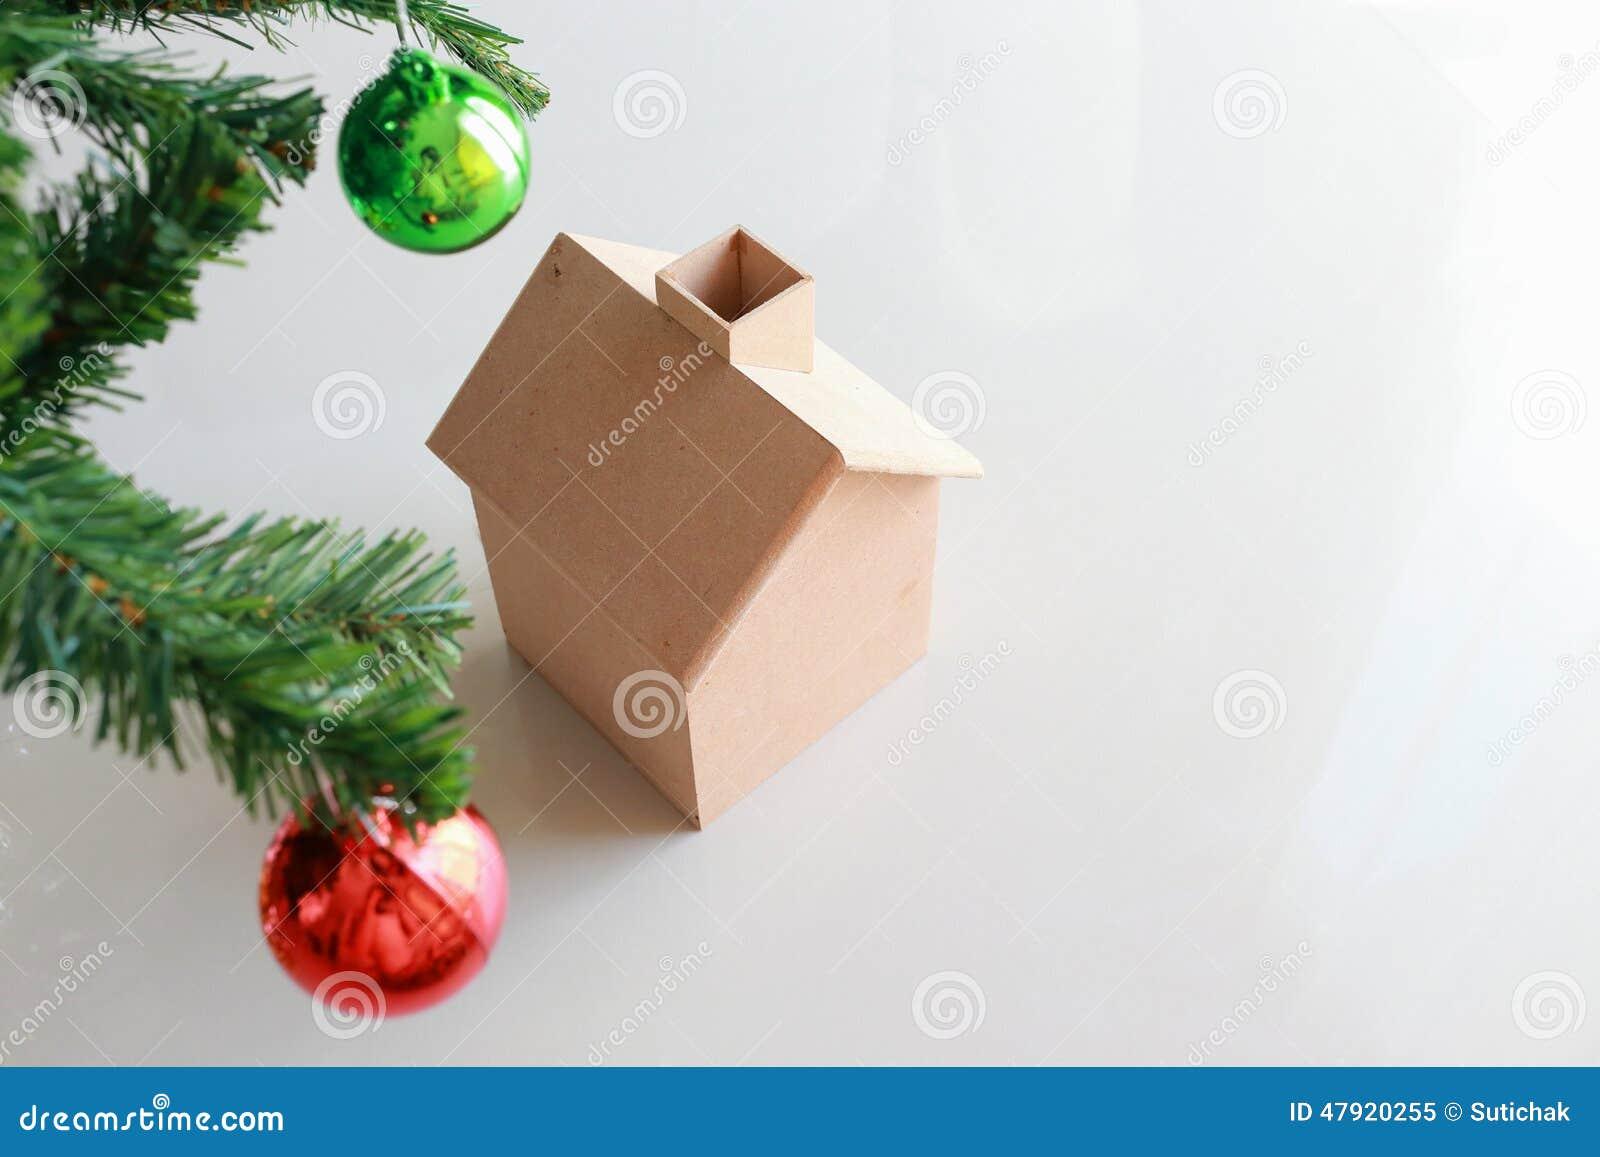 d coration de no l avec la petite maison en bois image stock image du jouet hiver 47920255. Black Bedroom Furniture Sets. Home Design Ideas